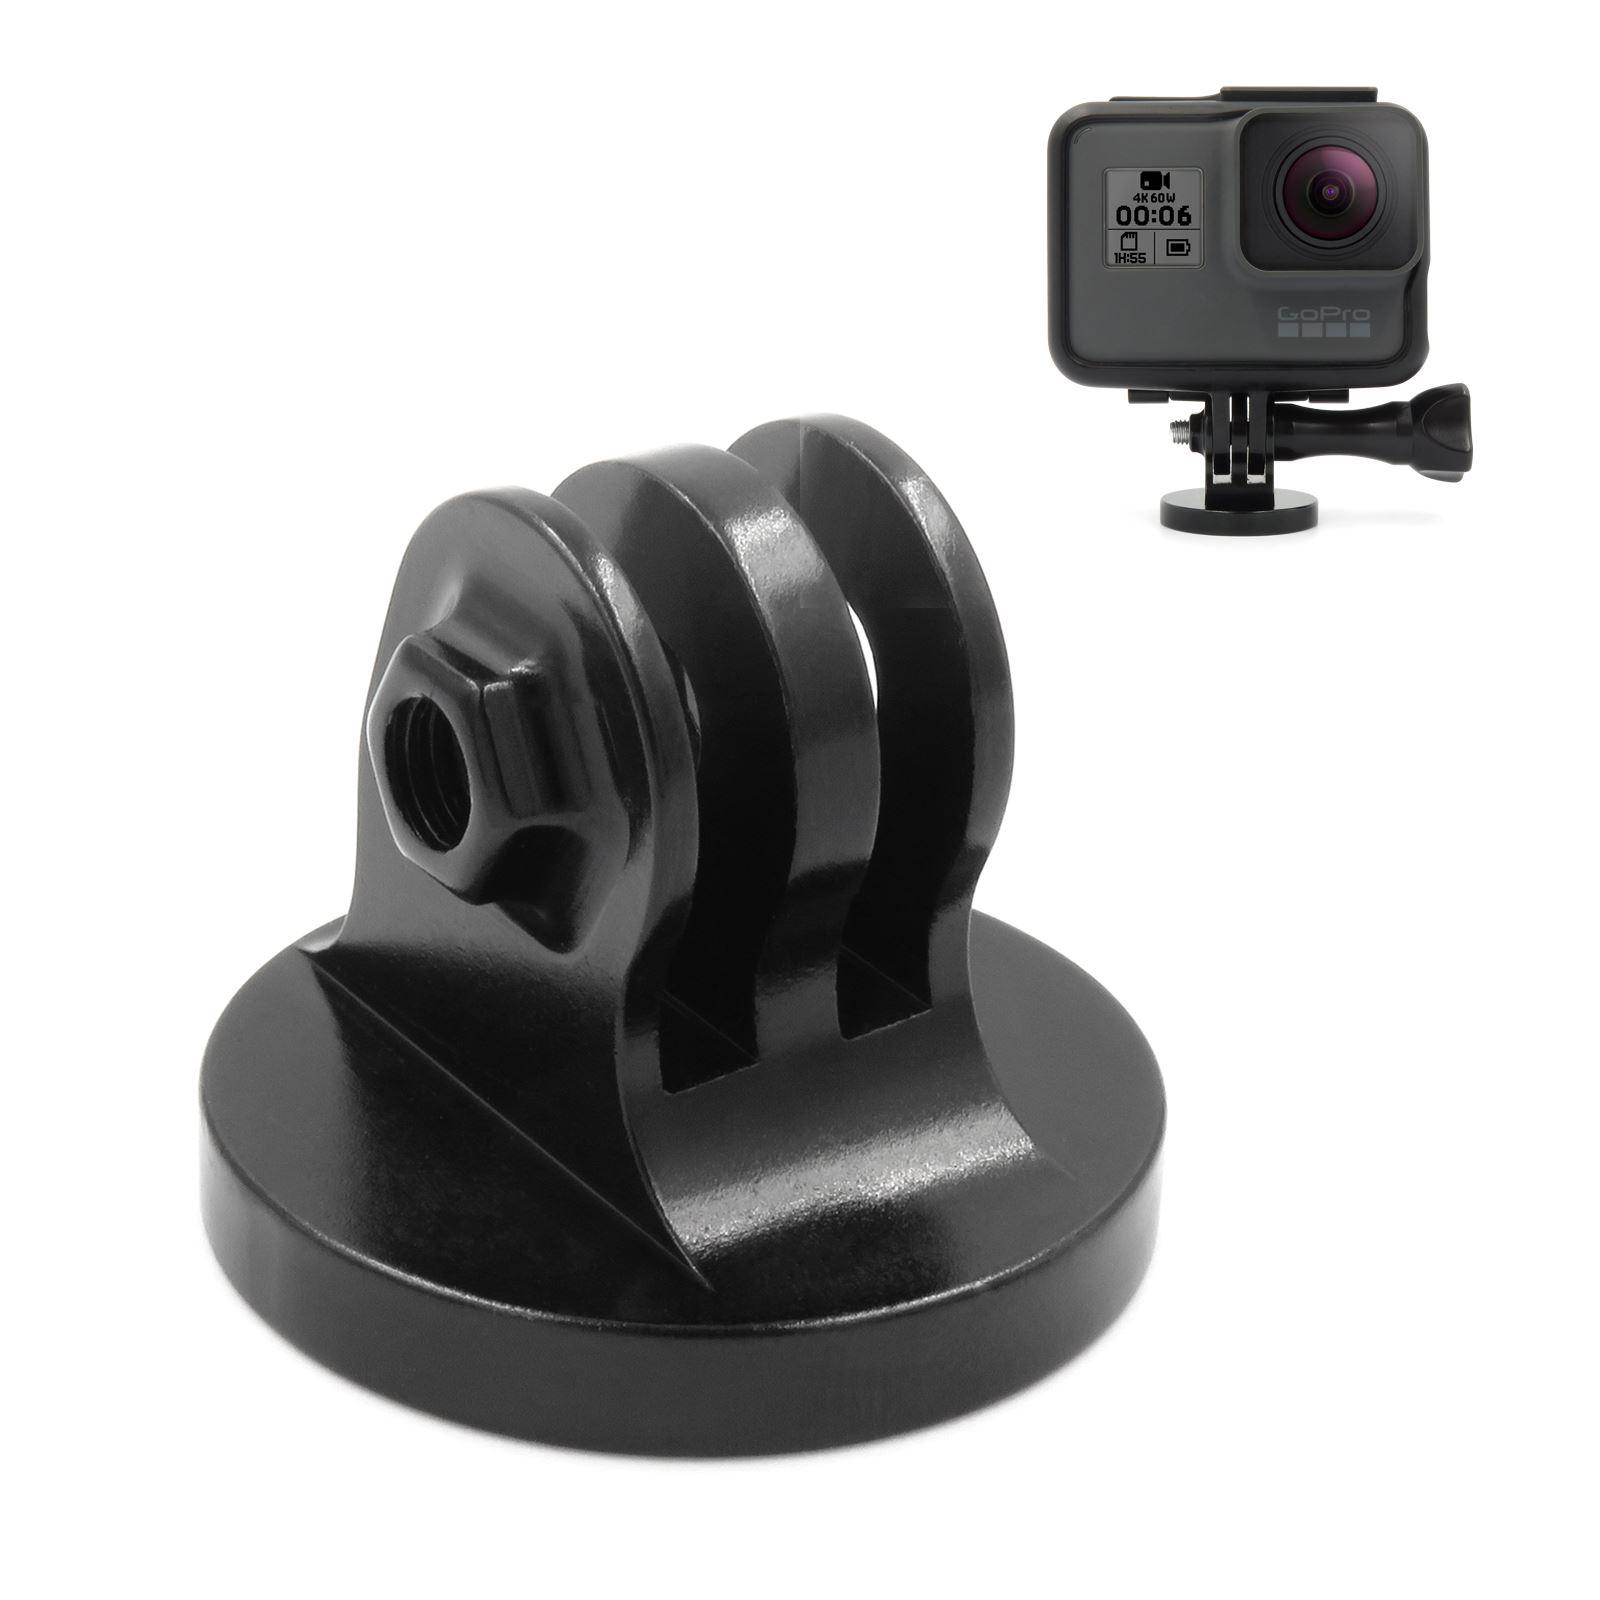 2x Tripod Monopod Mount Adapter For Go Pro HD HERO 1 2 3 4 Camera AccessorieHFUK